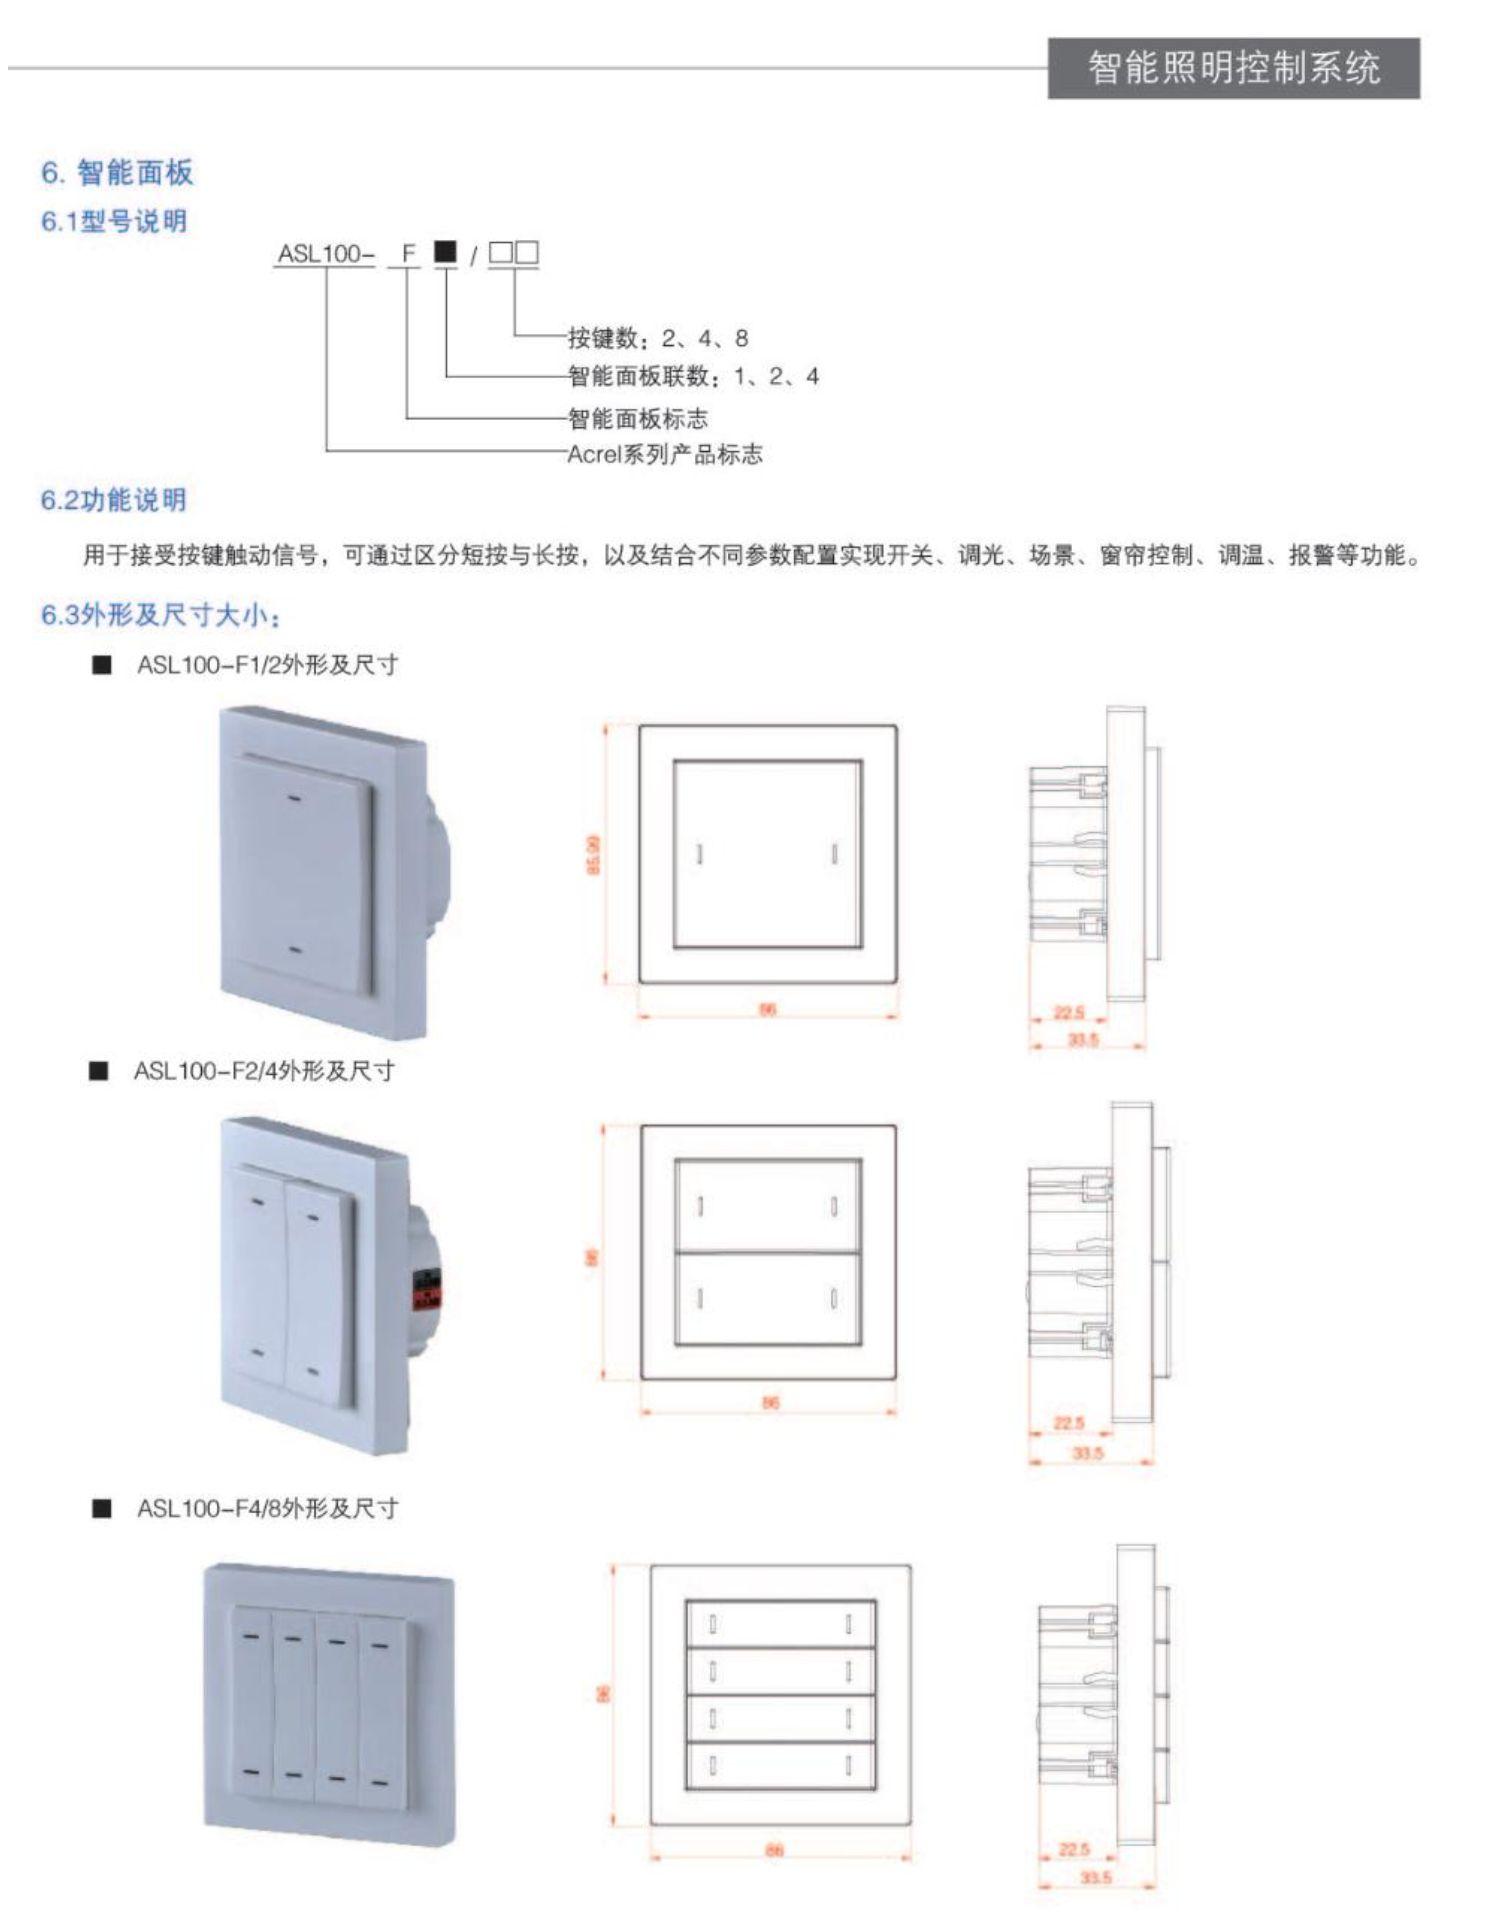 智能照明12路开关驱动器 安科瑞ASL100-S12/16 学校智能照明控制系统示例图4